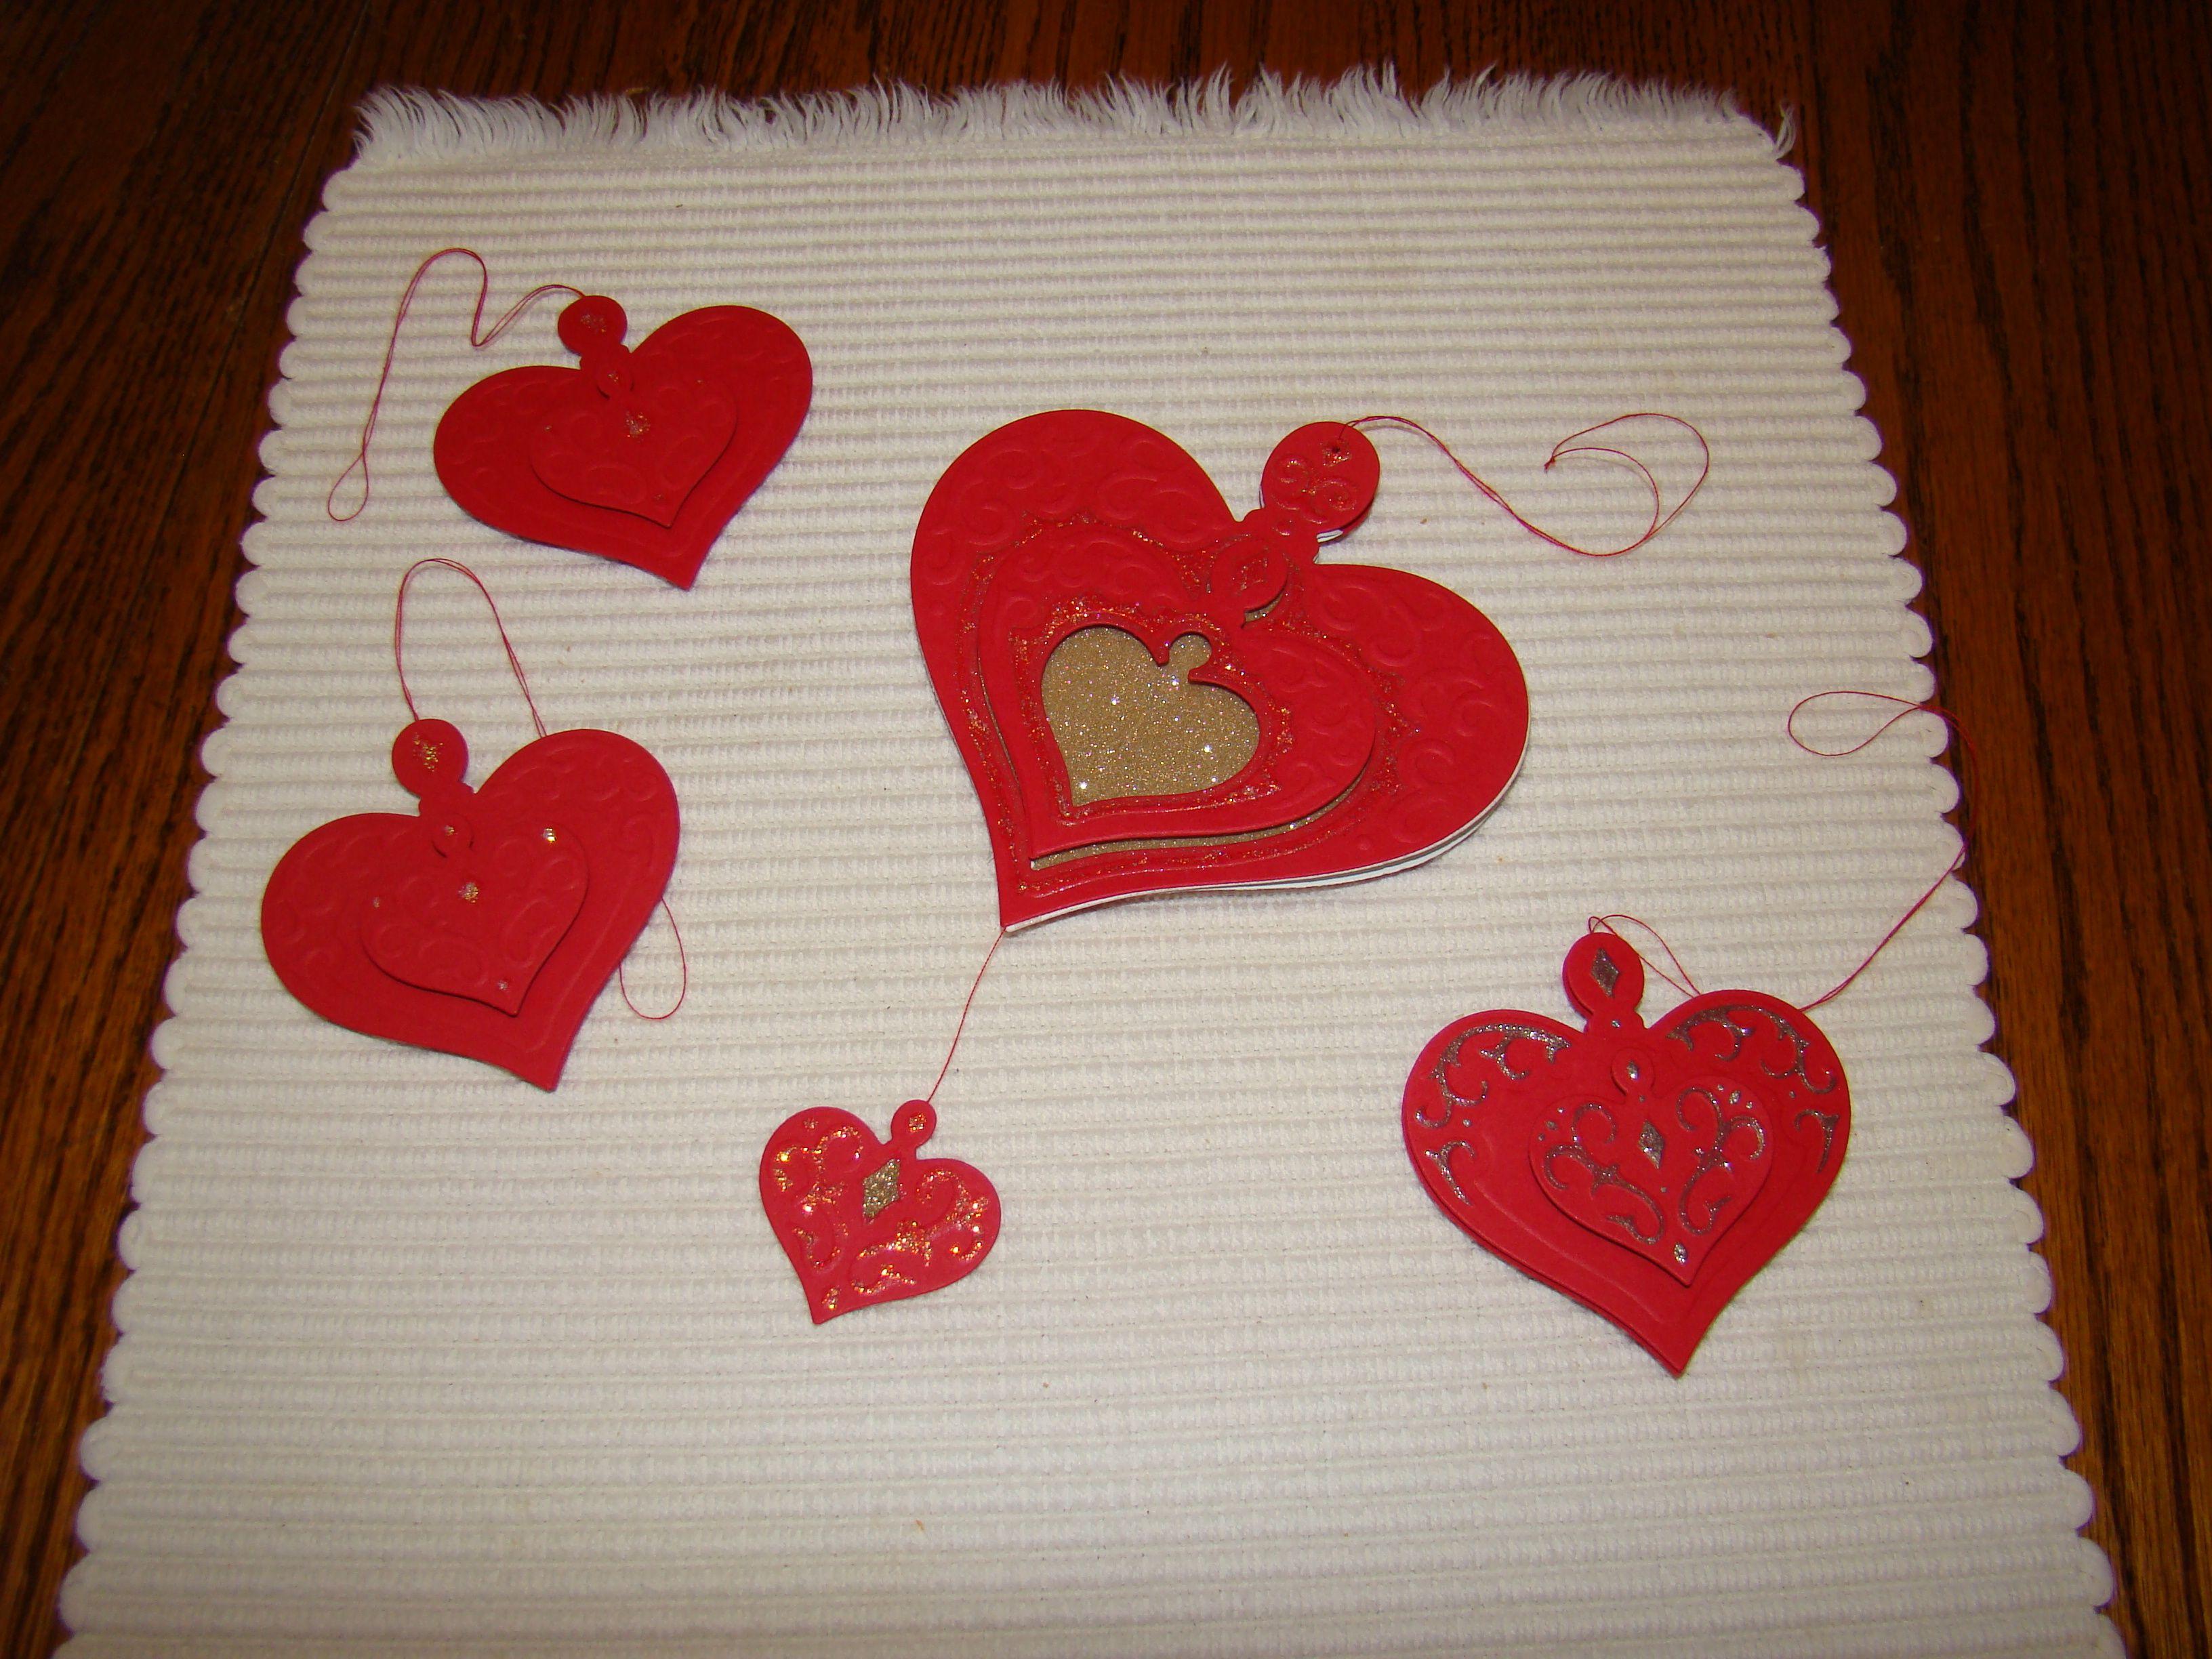 Christmas heart ornament card 2010